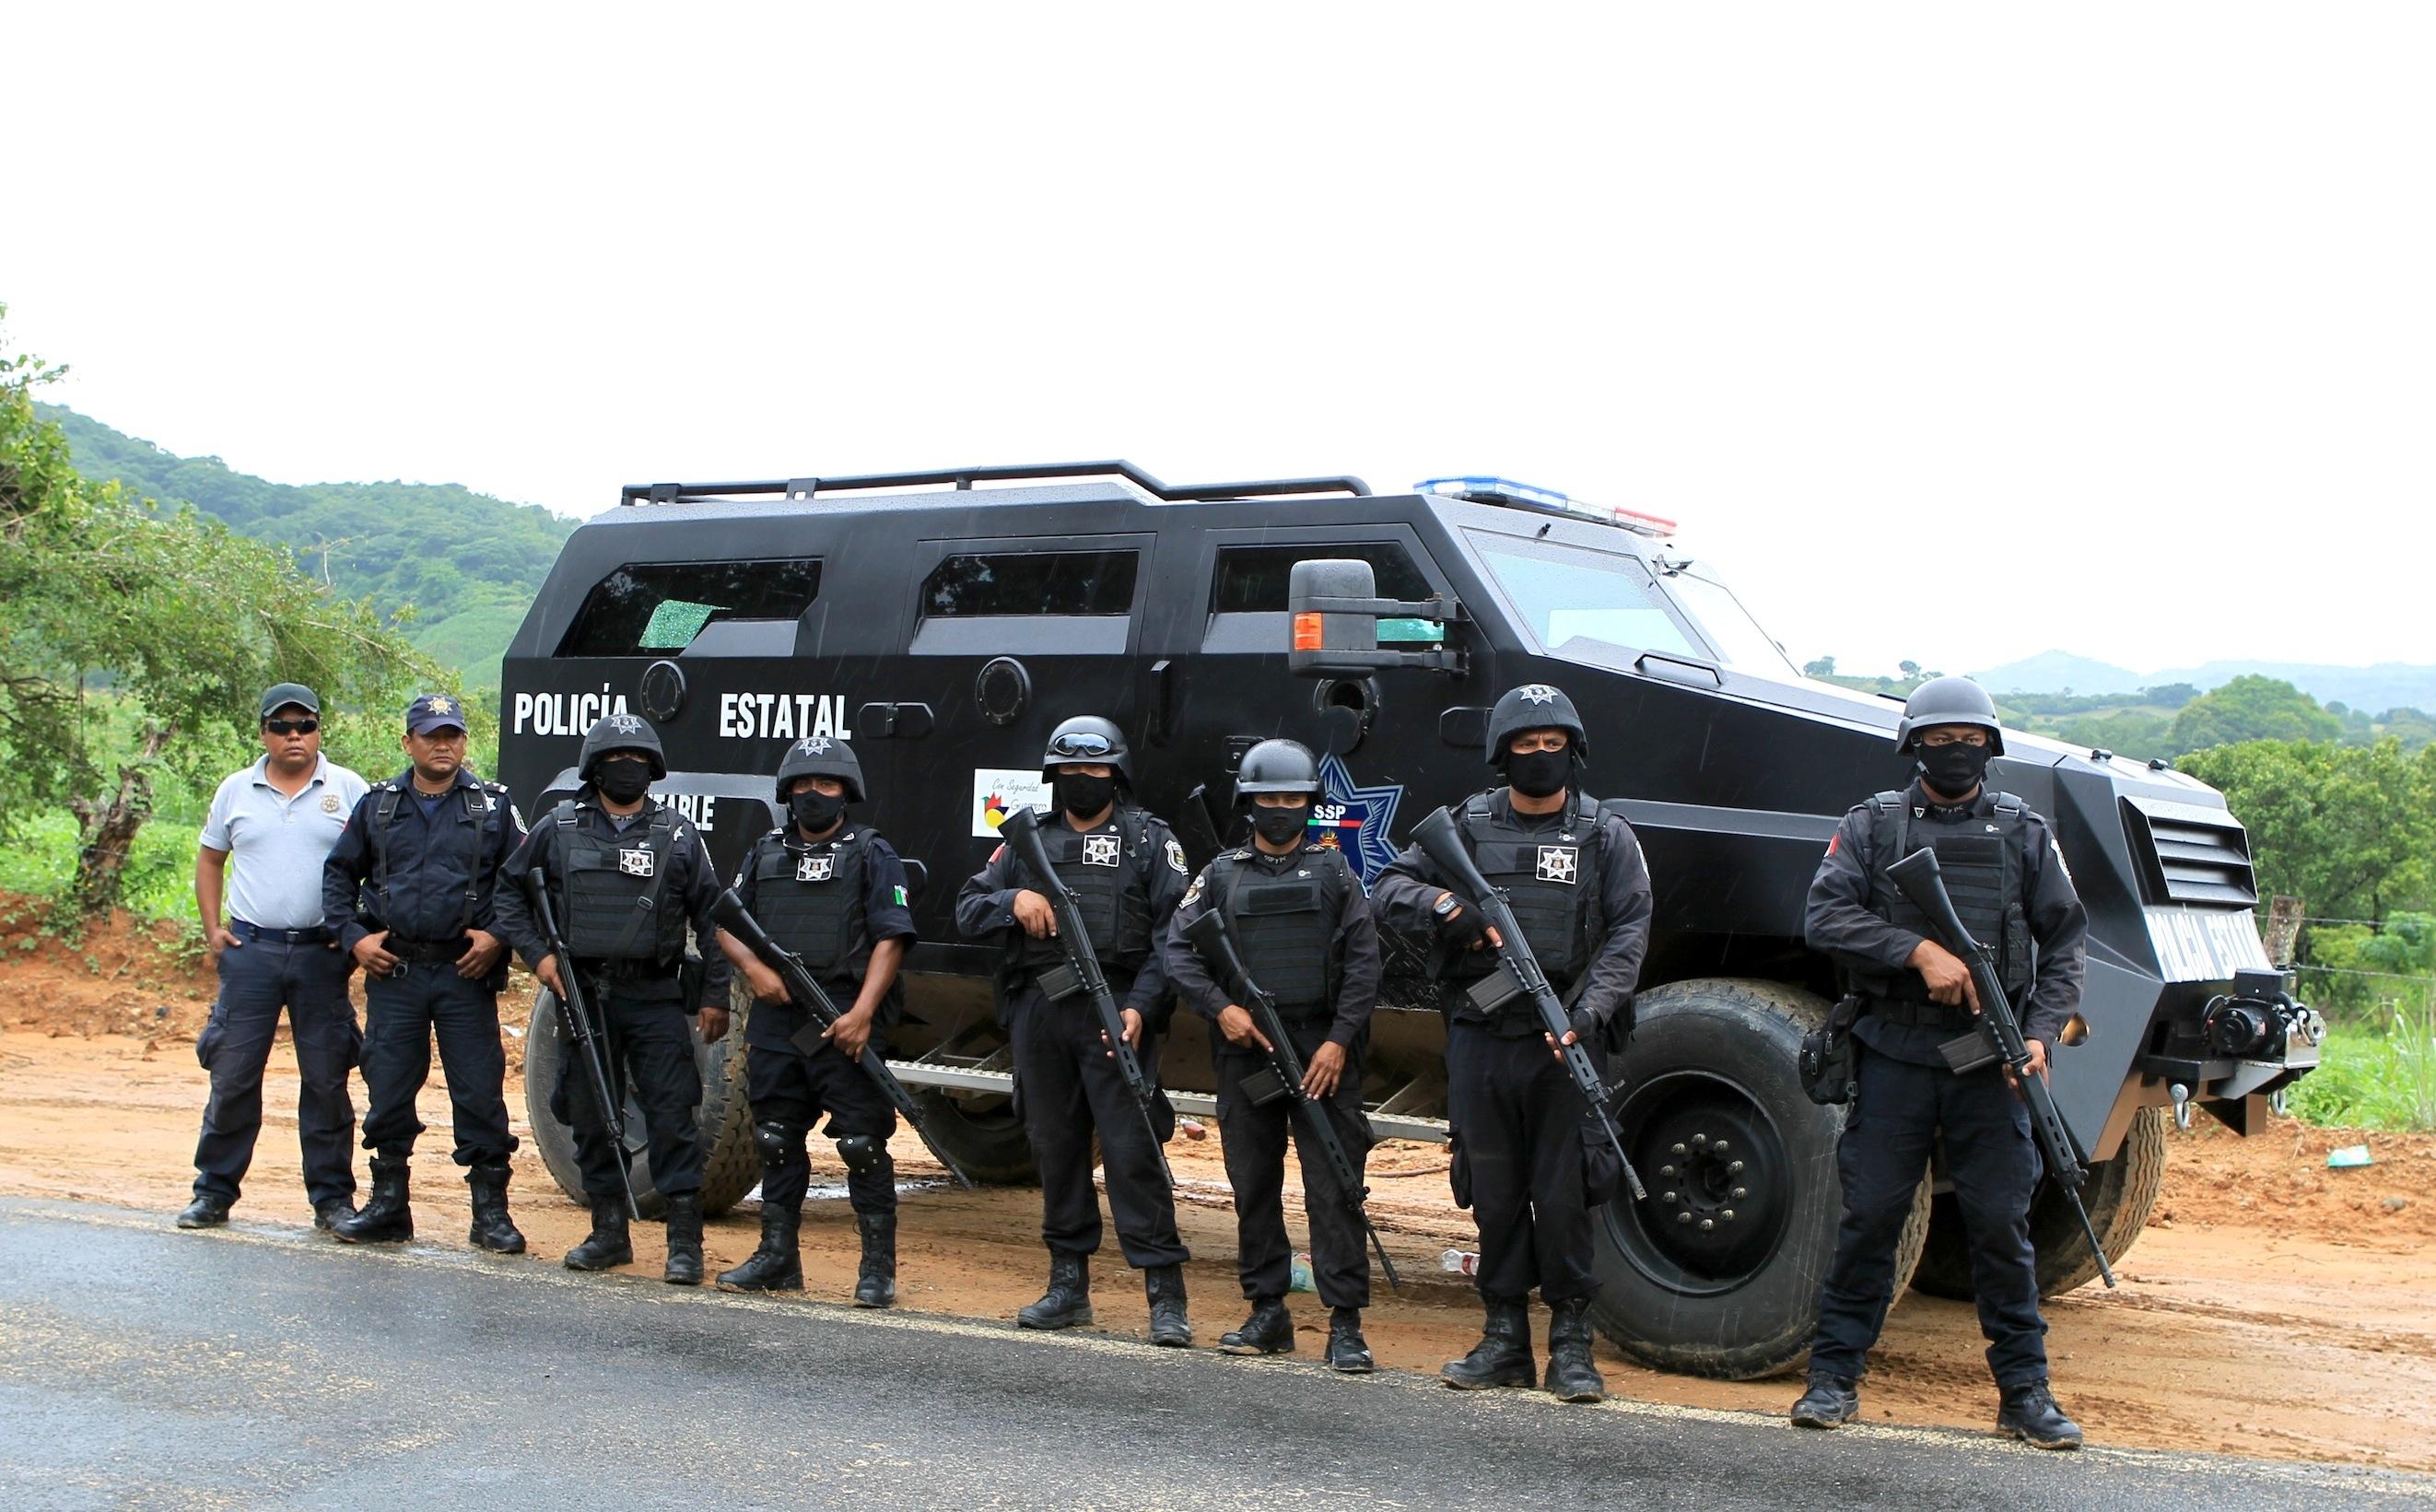 Vehiculos tacticos de Policias locales de Mexico - Página 2 SSPyPC-11